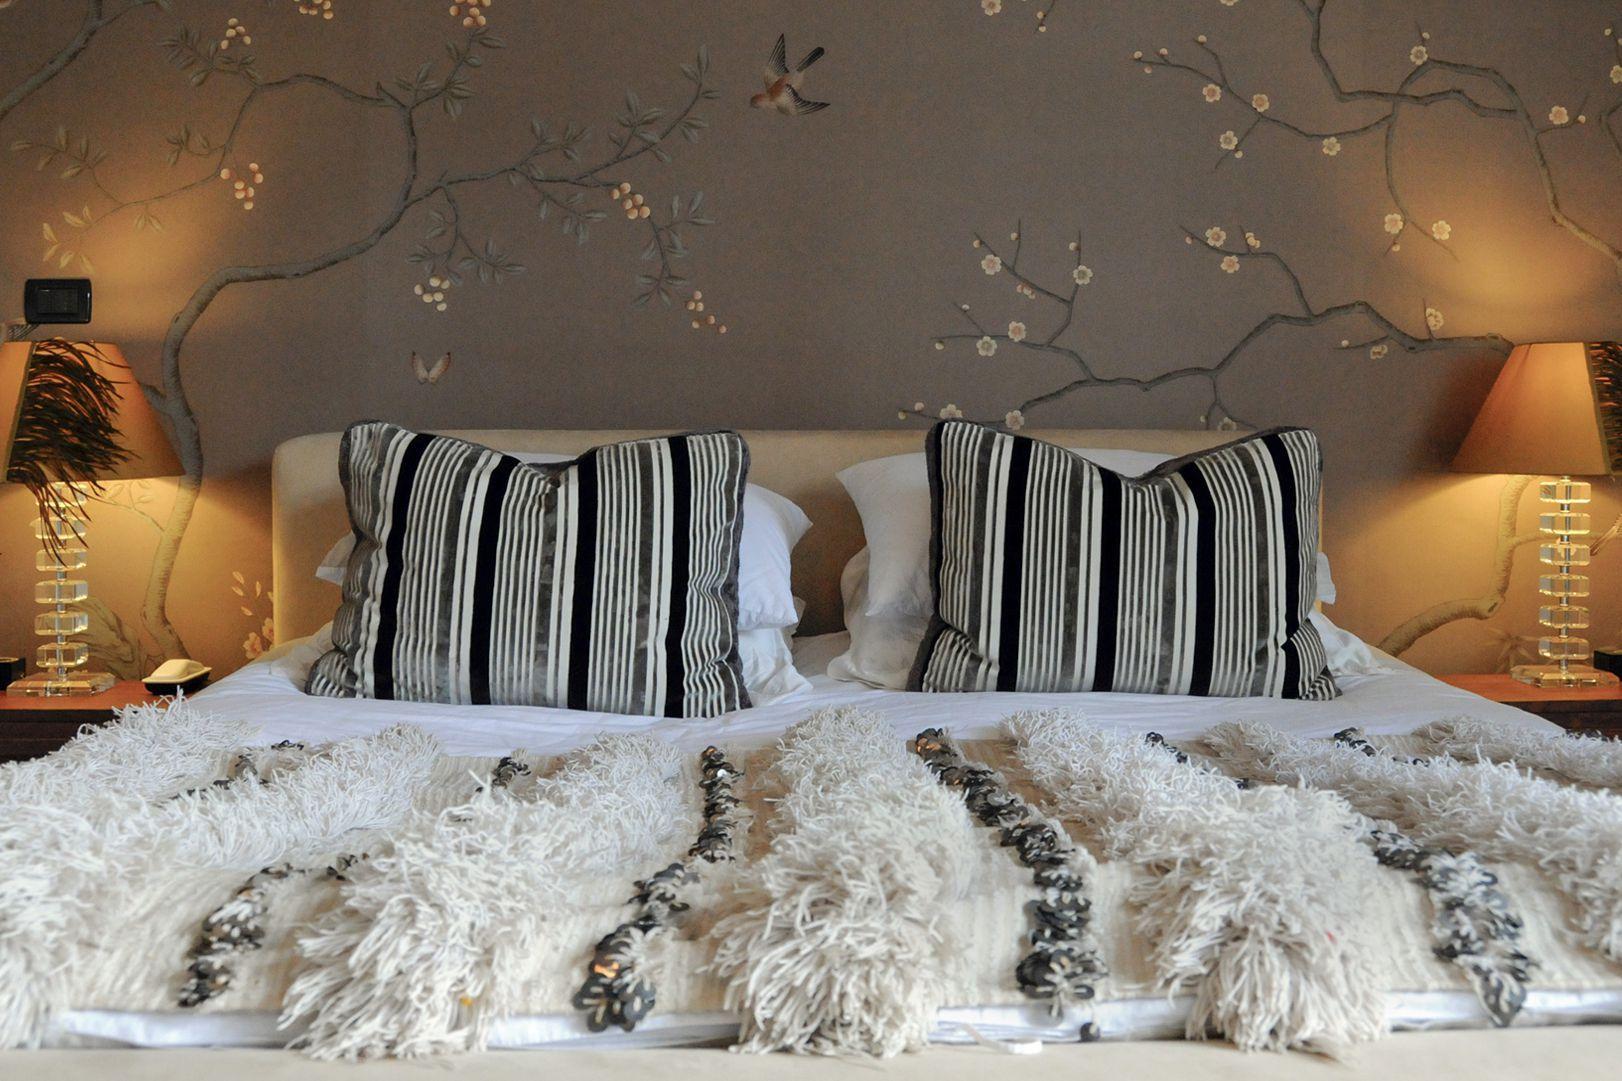 5 Best Of Bedroom Wallpaper The Range In 2020 Bedroom Wall Designs Wallpaper Design For Bedroom Bedroom Wall